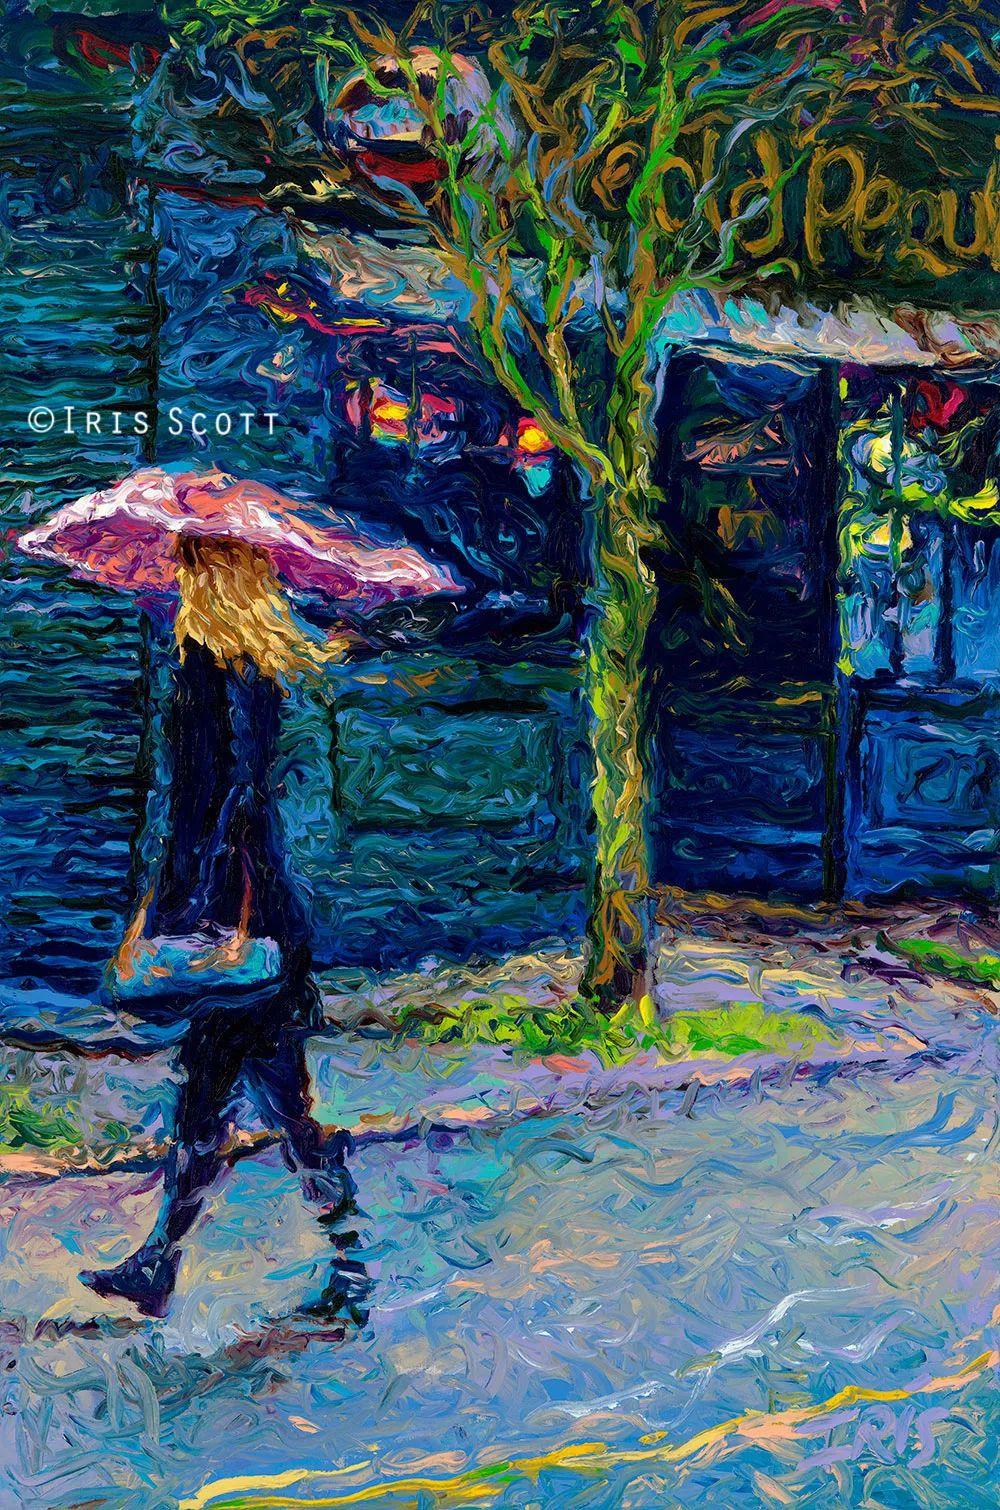 用颜料触摸这个世界!美国画家Iris Scott画选(下)——人物街景篇插图97